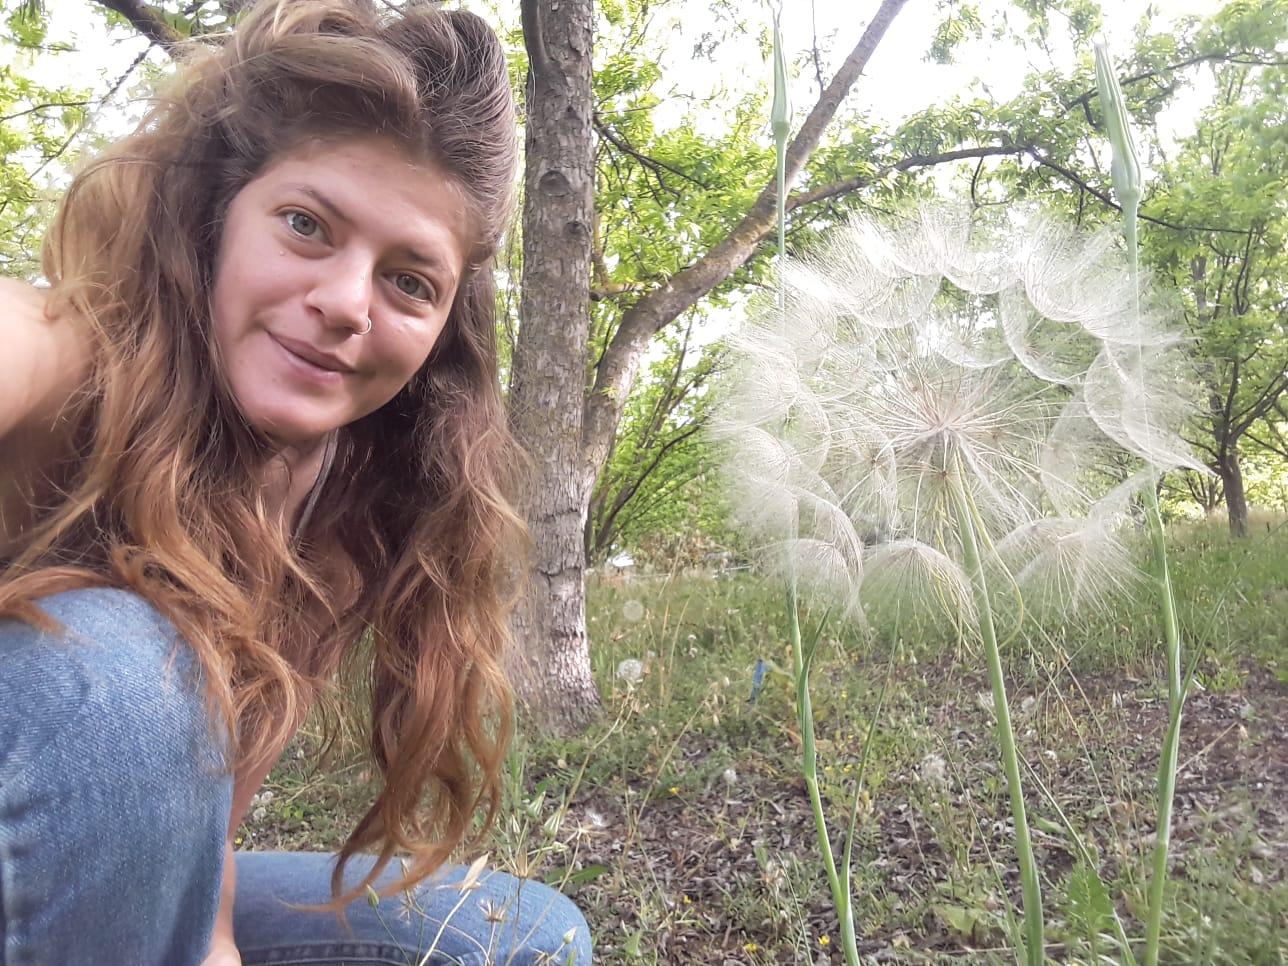 """ליאור הרול מהמכללה האקדמית תל חי זכתה במקום הראשון בכנס בינלאומי """"פופיו"""" לאקולוגיה של צמחים"""